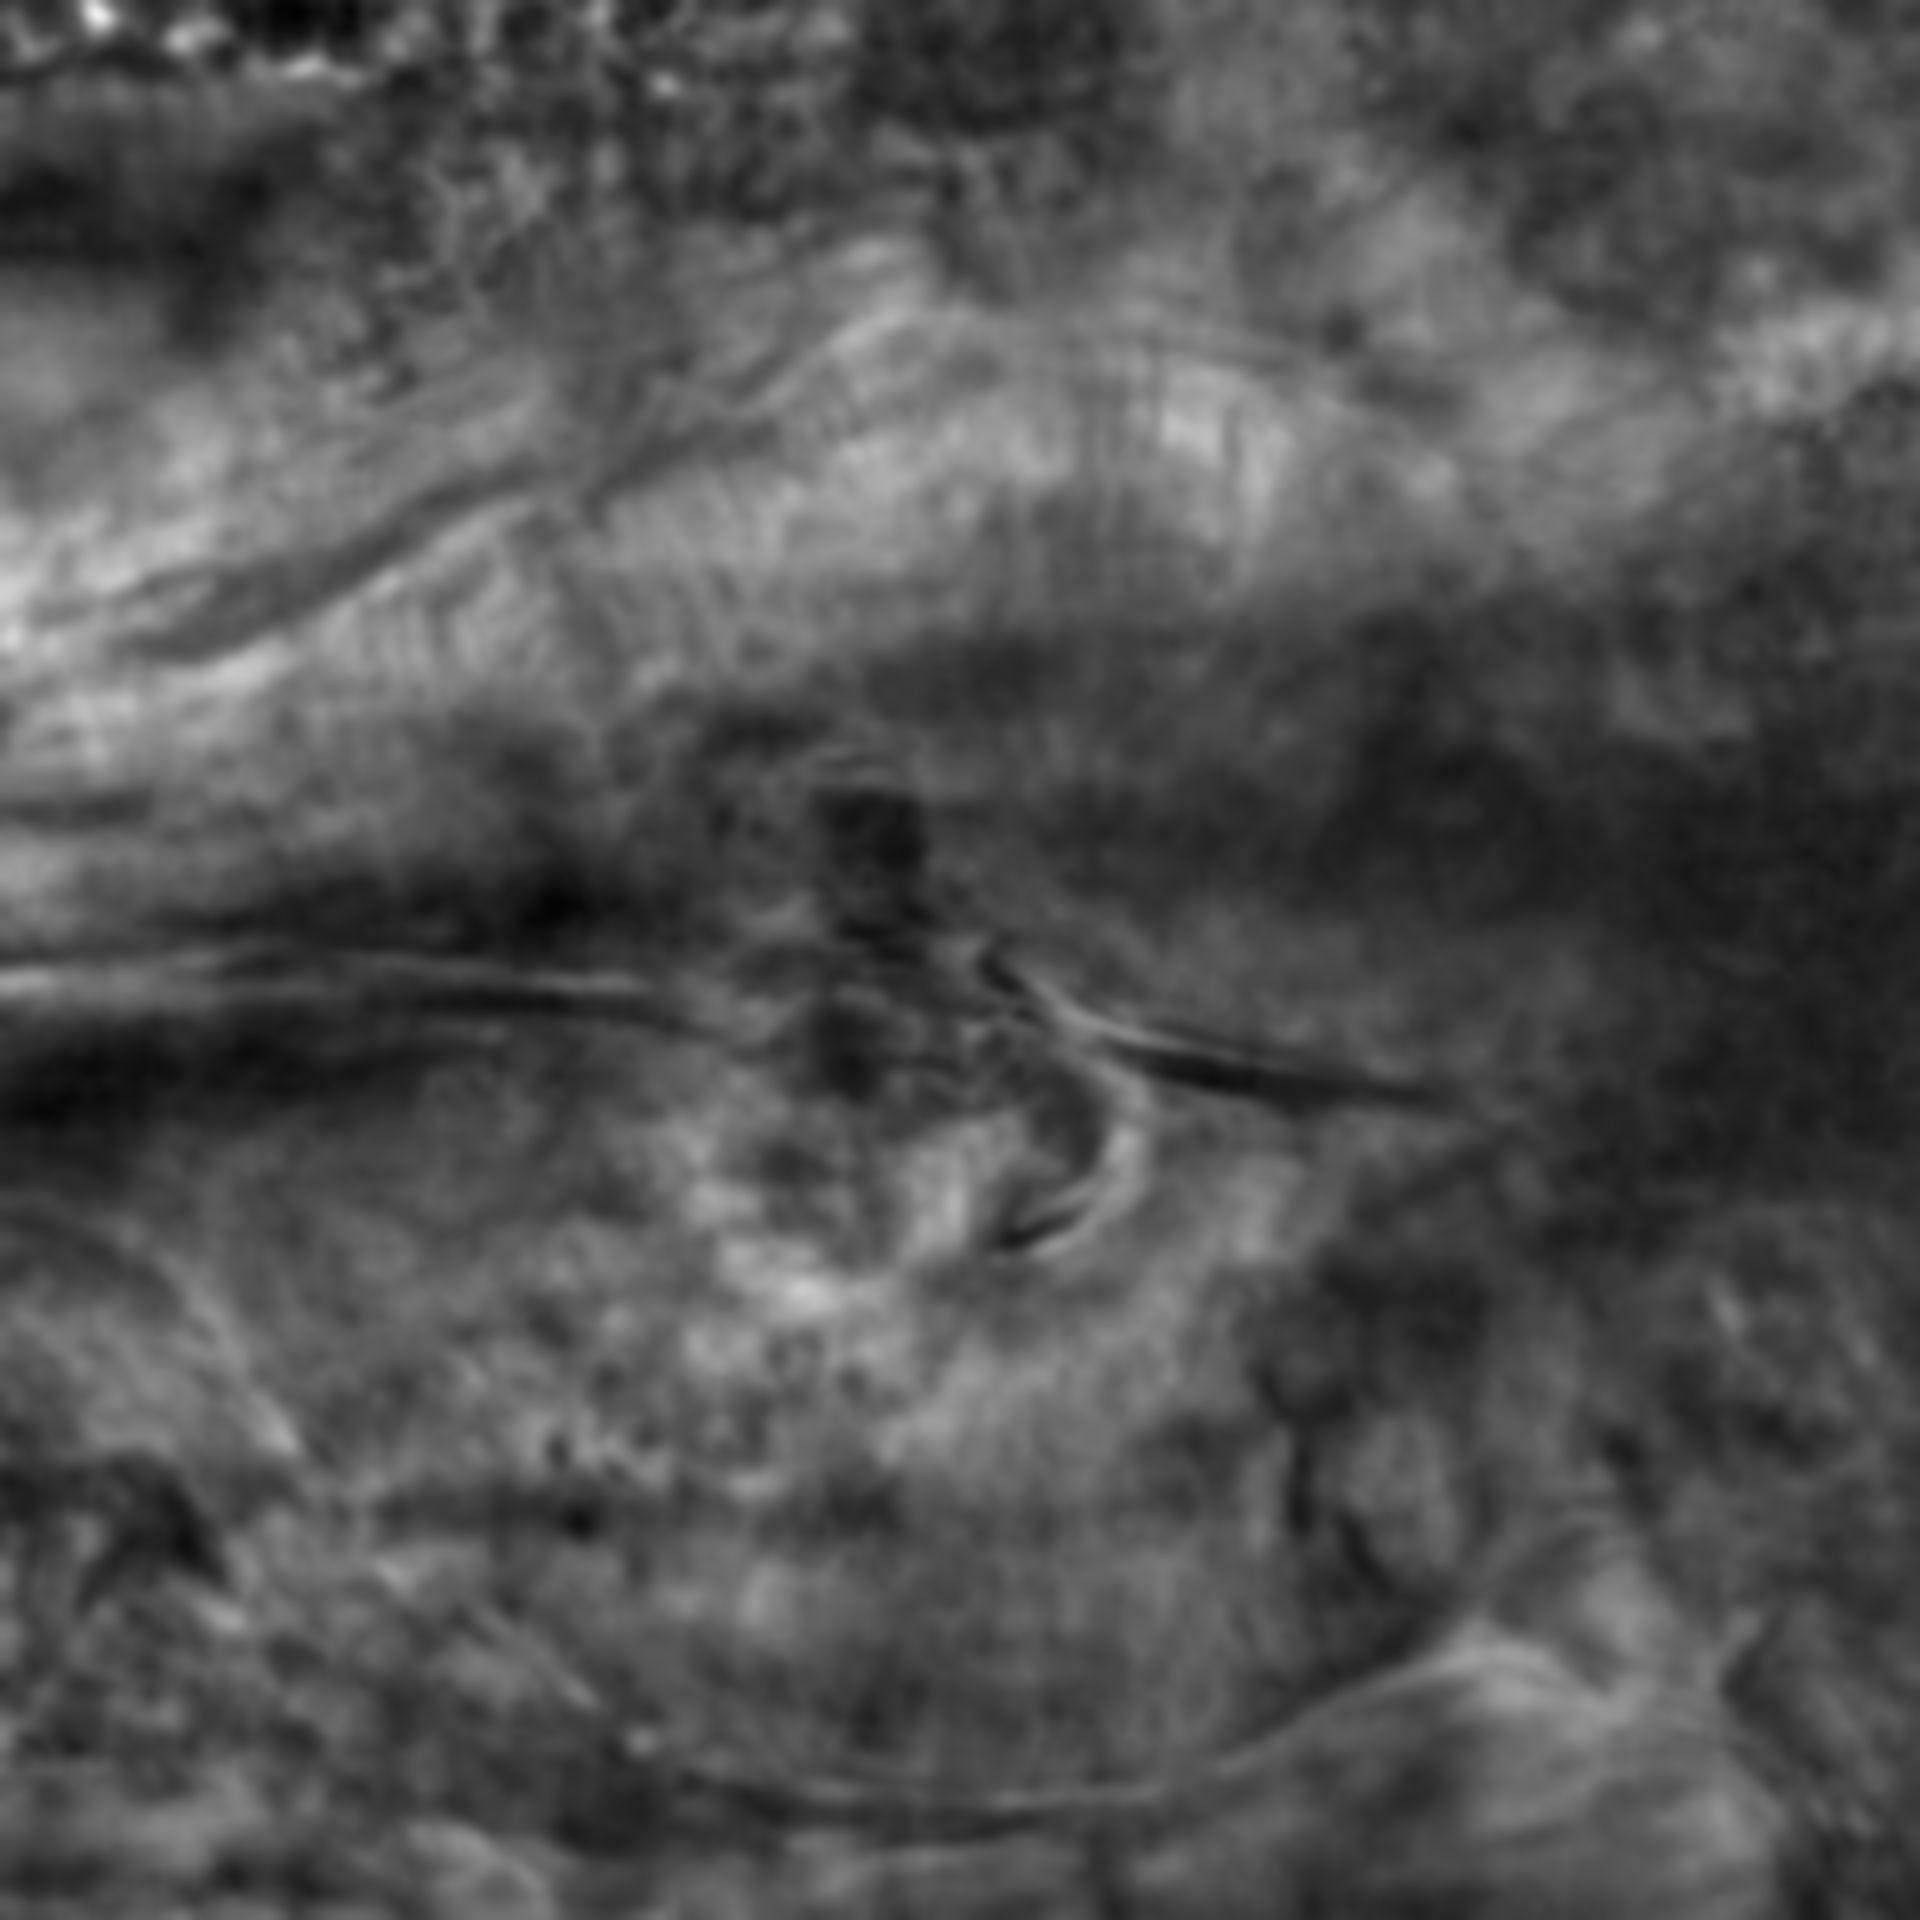 Caenorhabditis elegans - CIL:2240